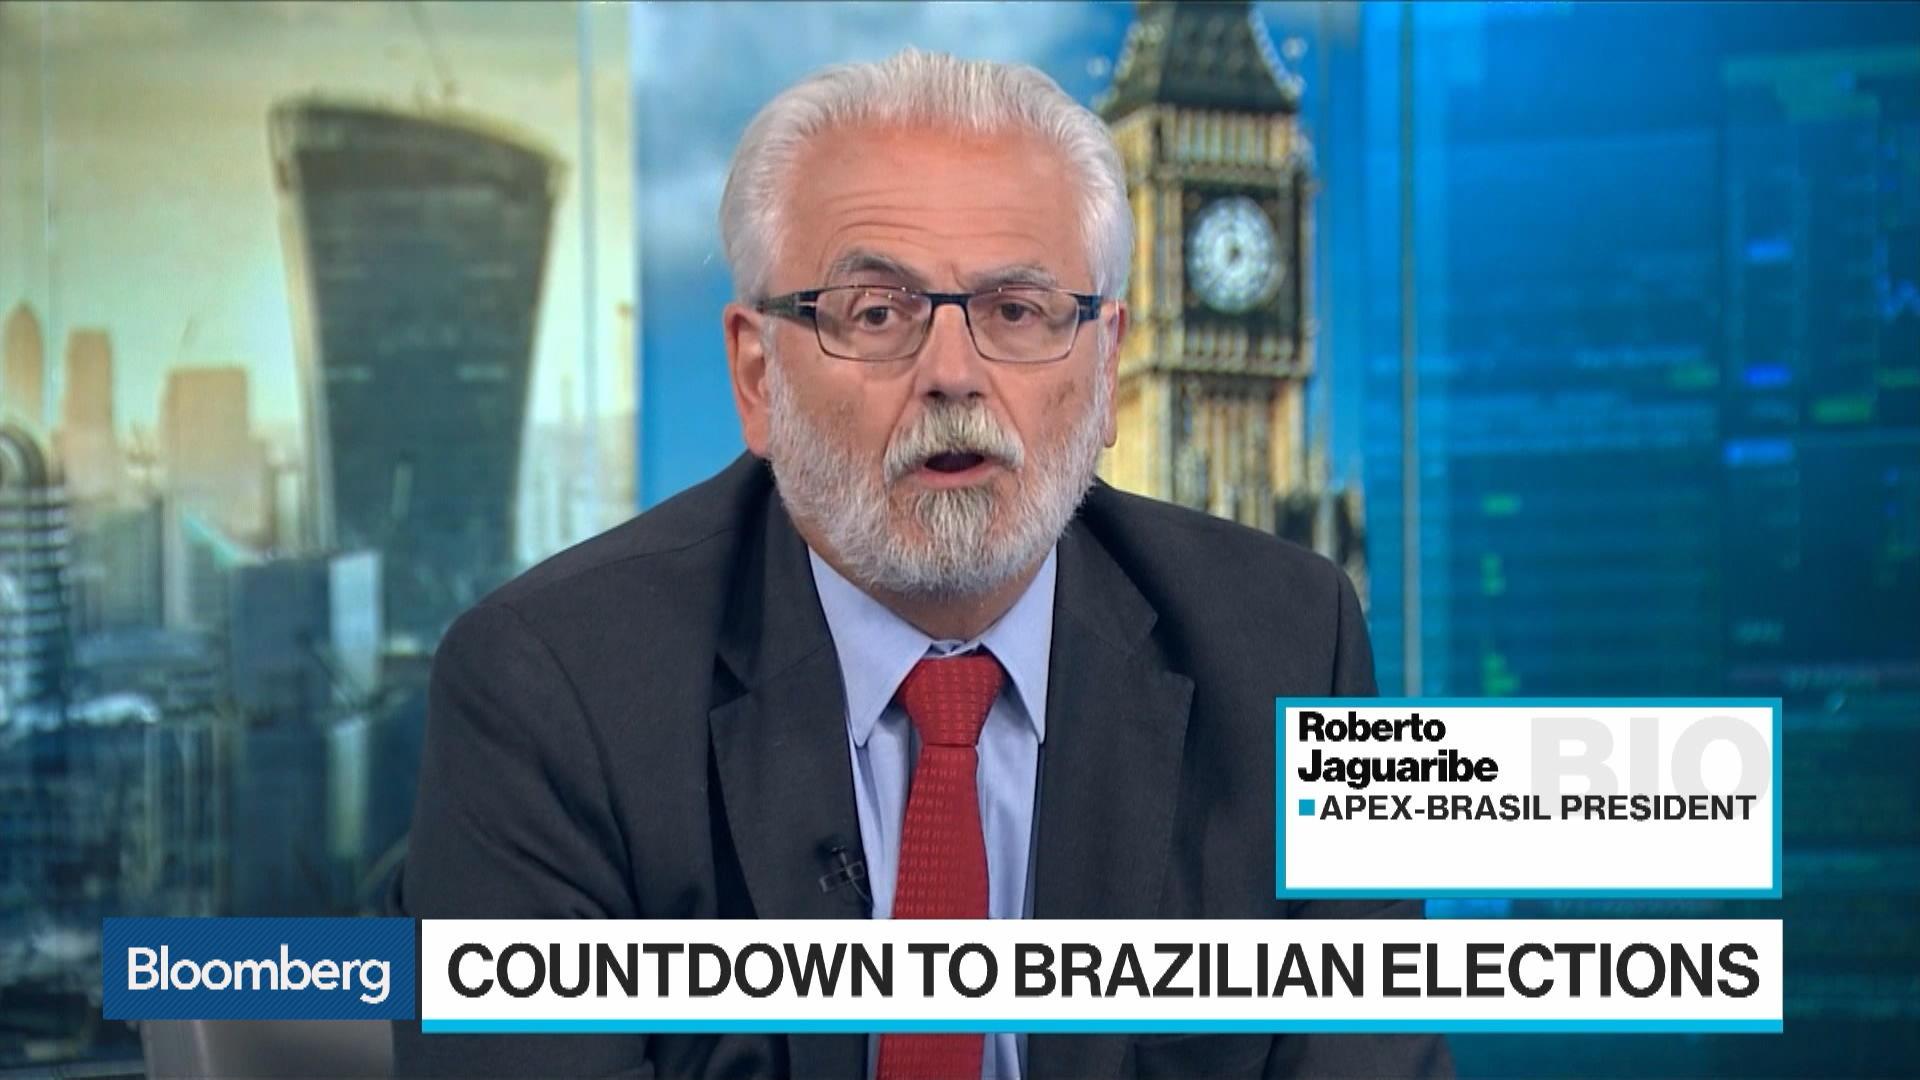 Democracy in Peril as Brazil Strongman Takes on Leftist in